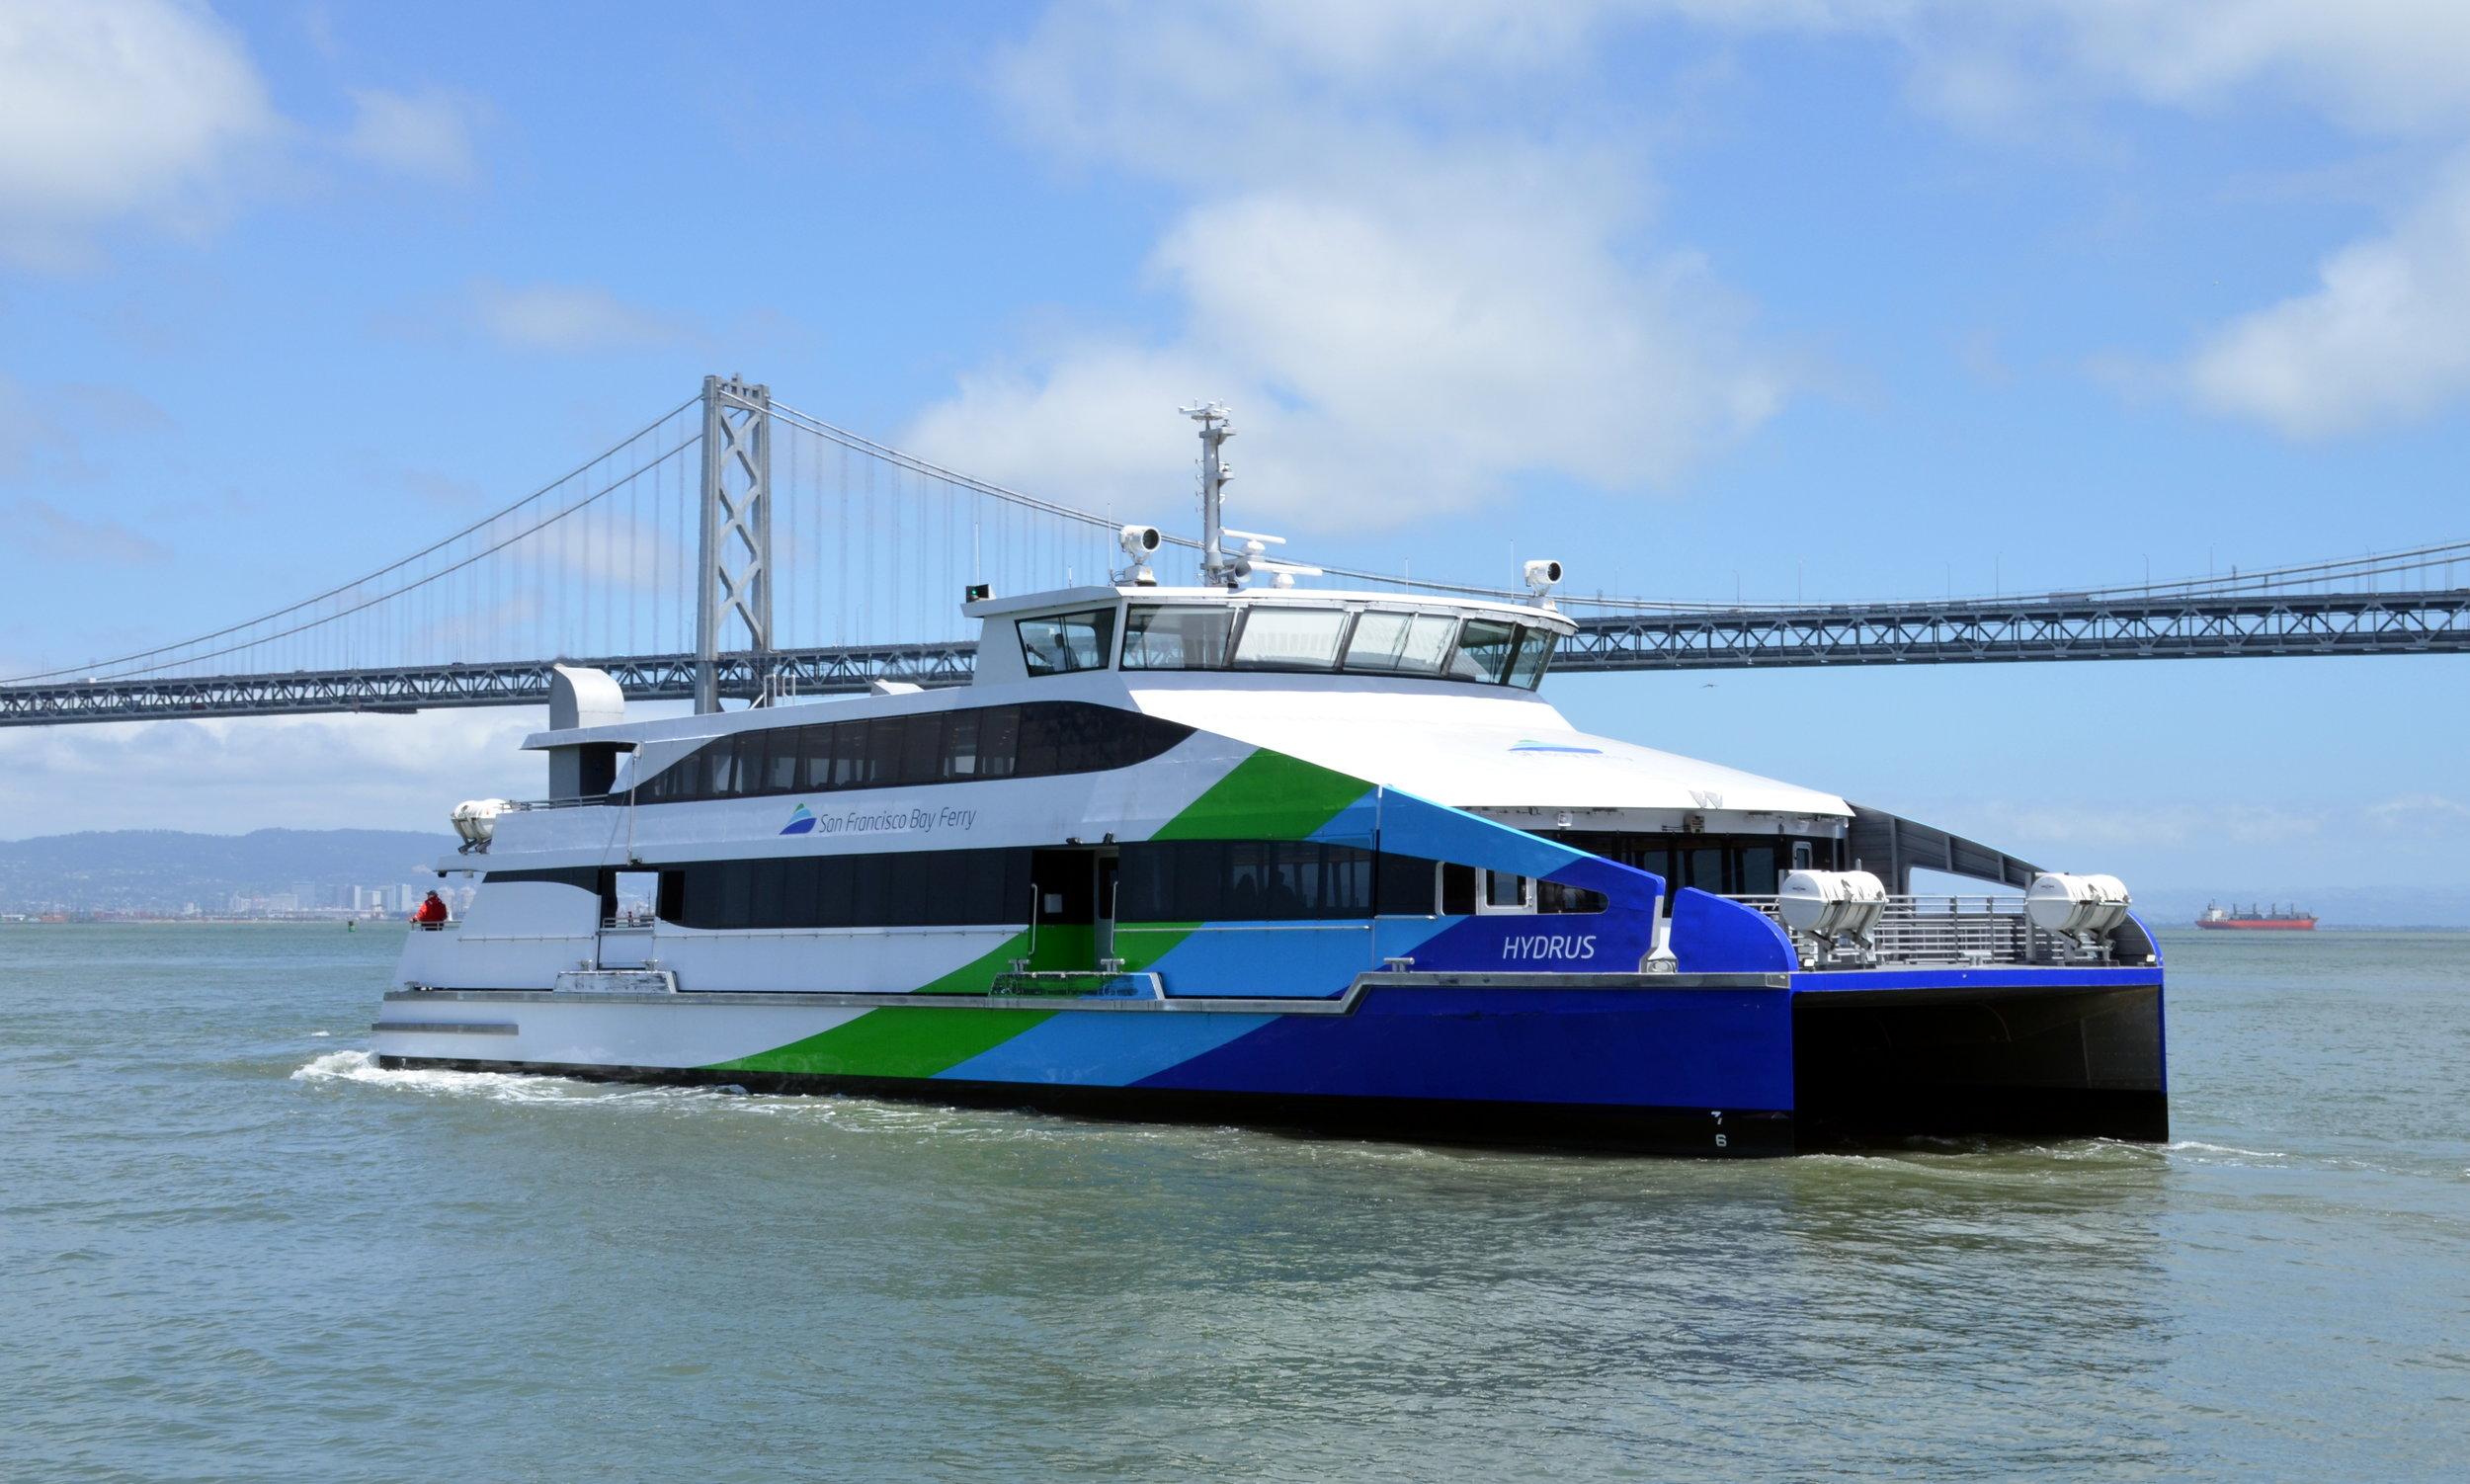 San_Francisco_Bay_Ferry_Hydrus_May_2017.jpg